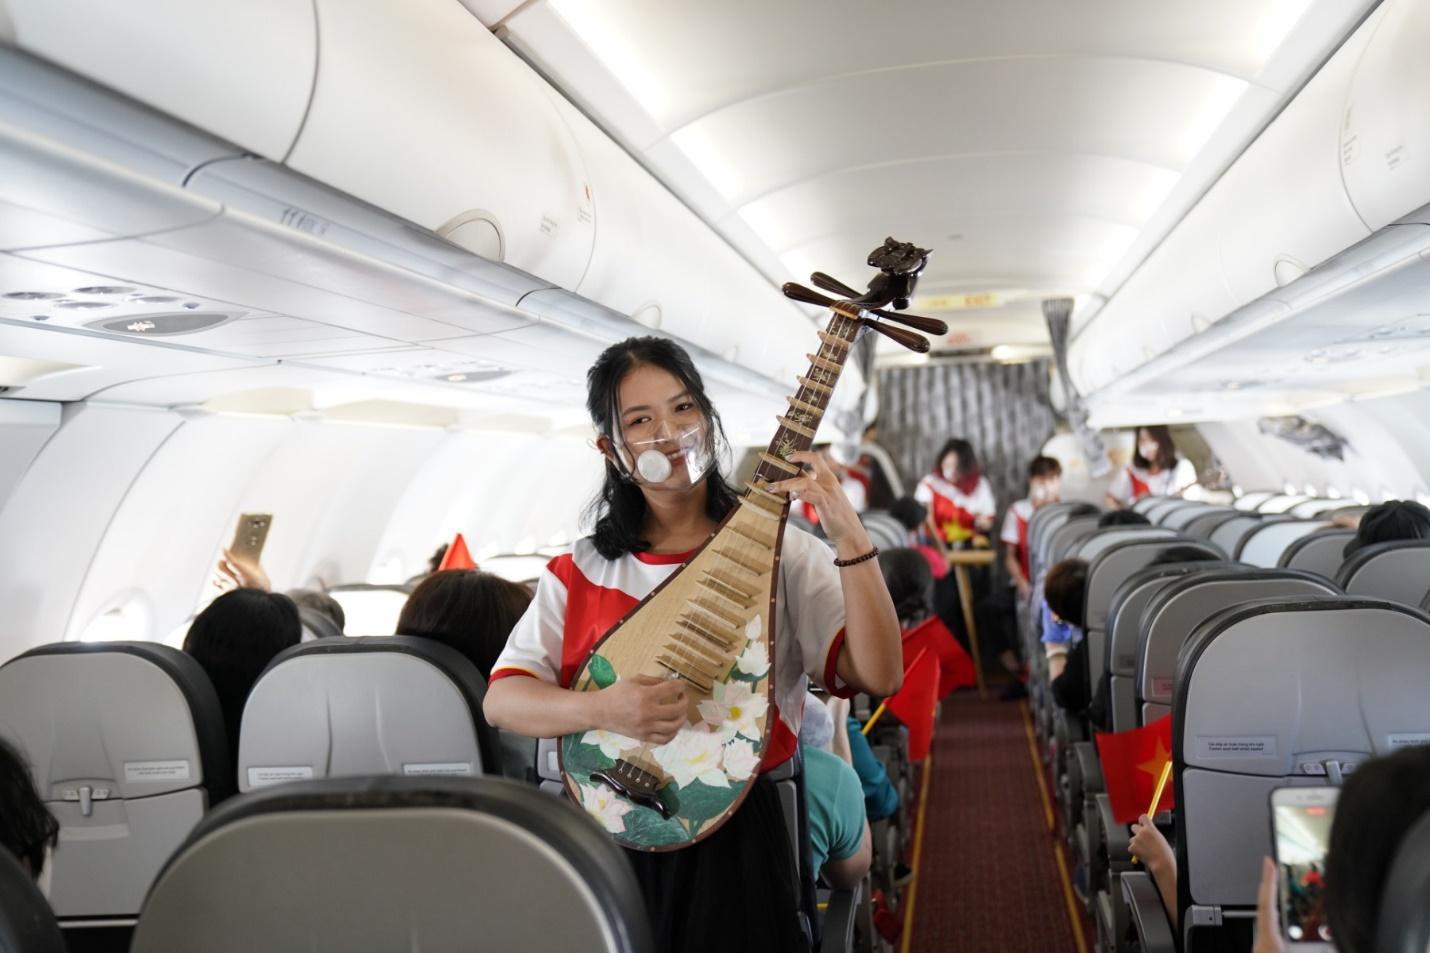 Hành trình đặc biệt mừng ngày Thống nhất đất nước 30/4 trên tàu bay Vietjet - Ảnh 1.